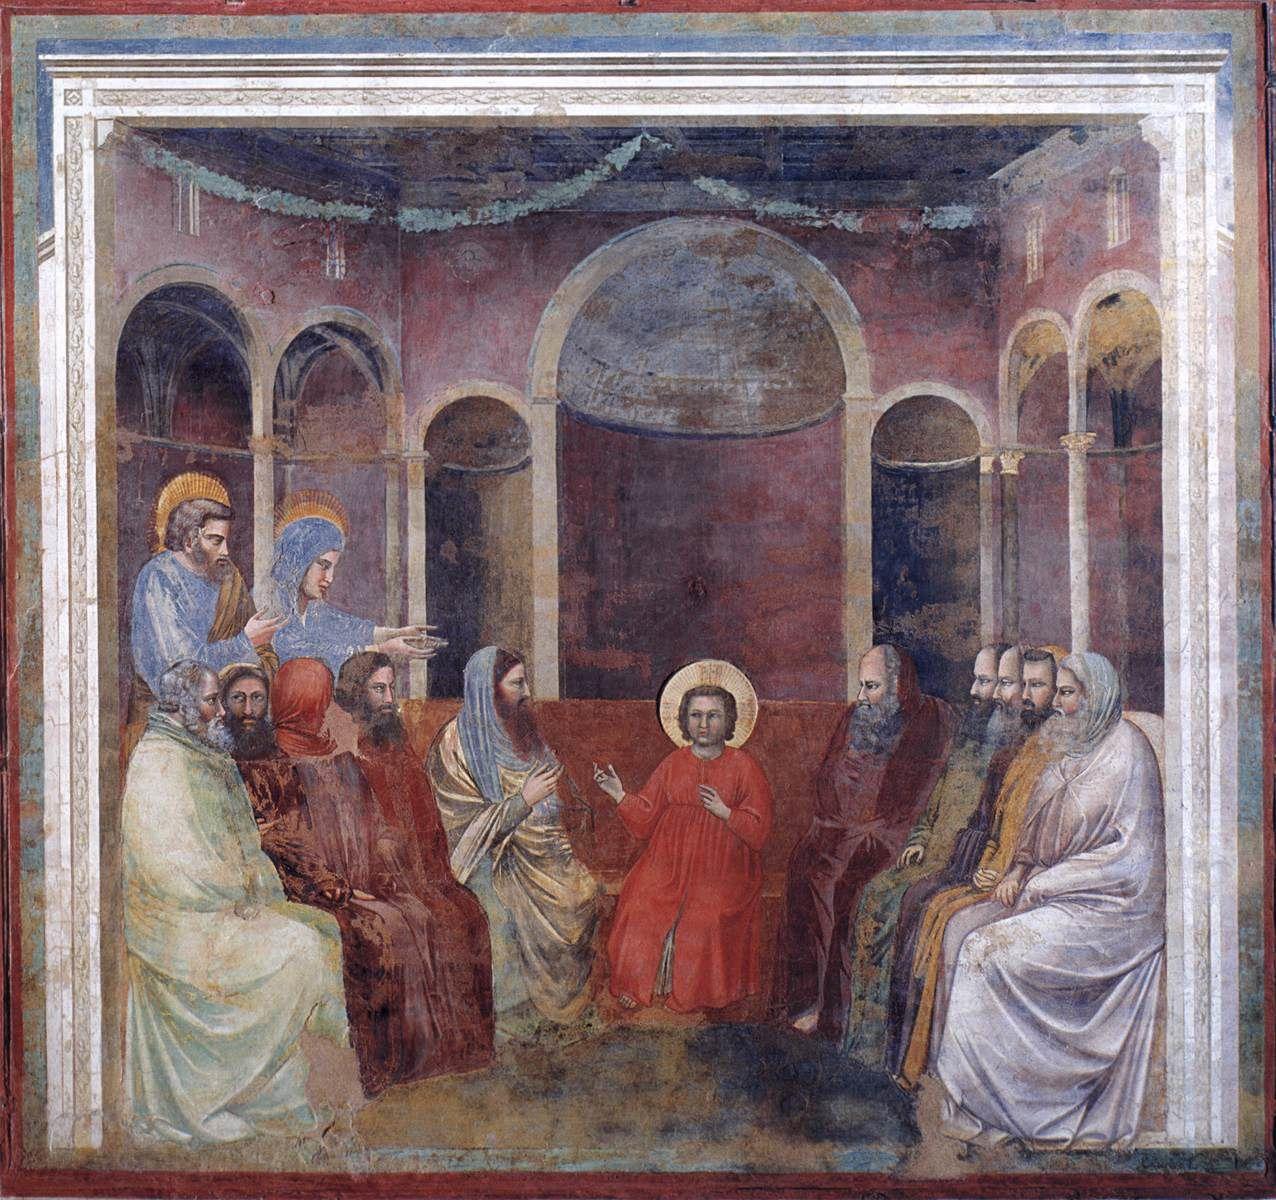 """"""" Ils le trouvèrent dans le temple, assis au milieu des docteurs, les écoutant et les interrogeant """" (peinture du Giotto)"""